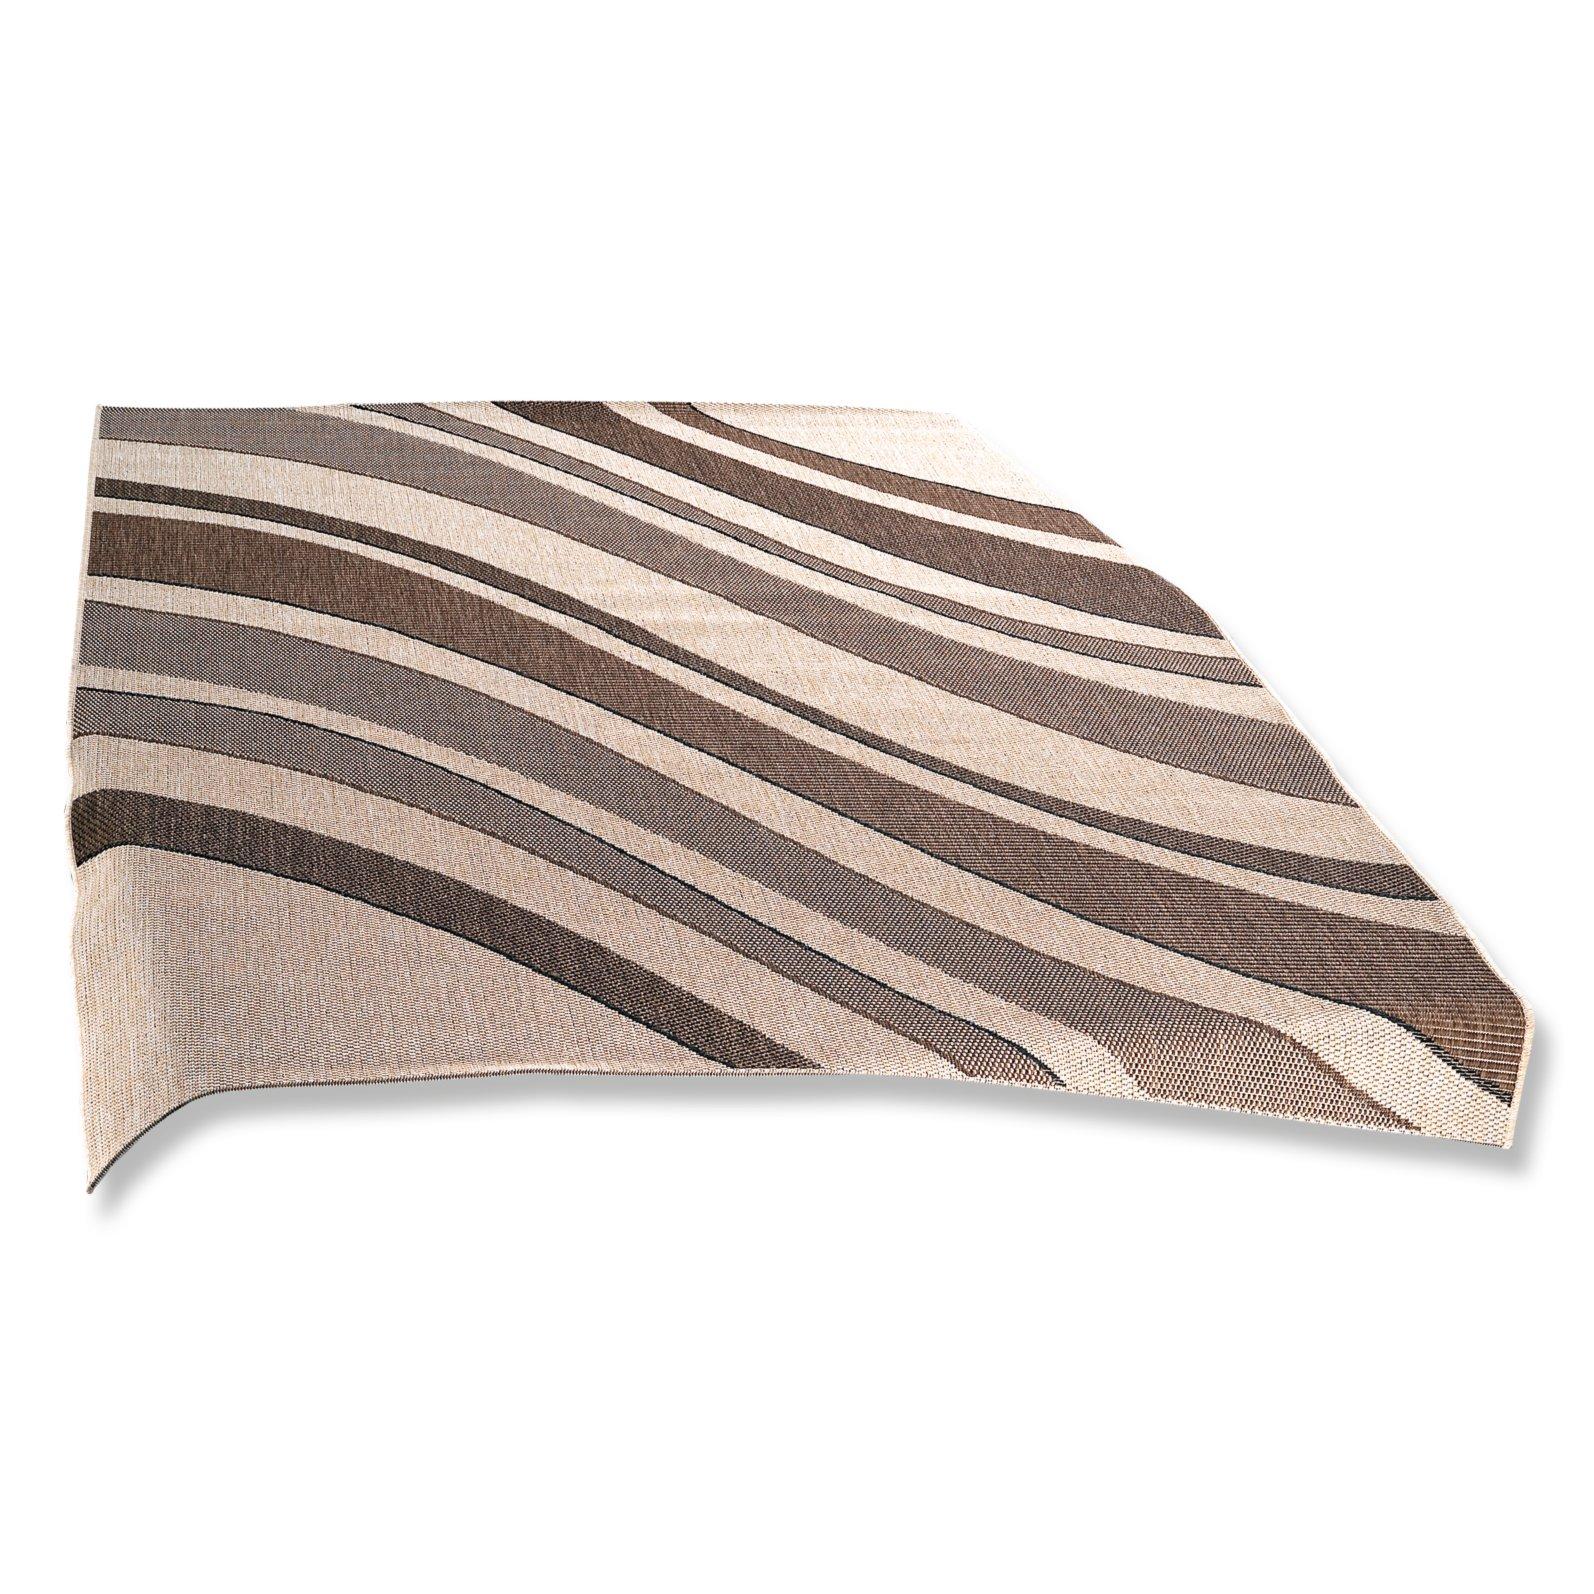 brauner schimmel im schlafzimmer bettw sche bei kik pferde mikrofaser kopfkissen schlafzimmer. Black Bedroom Furniture Sets. Home Design Ideas